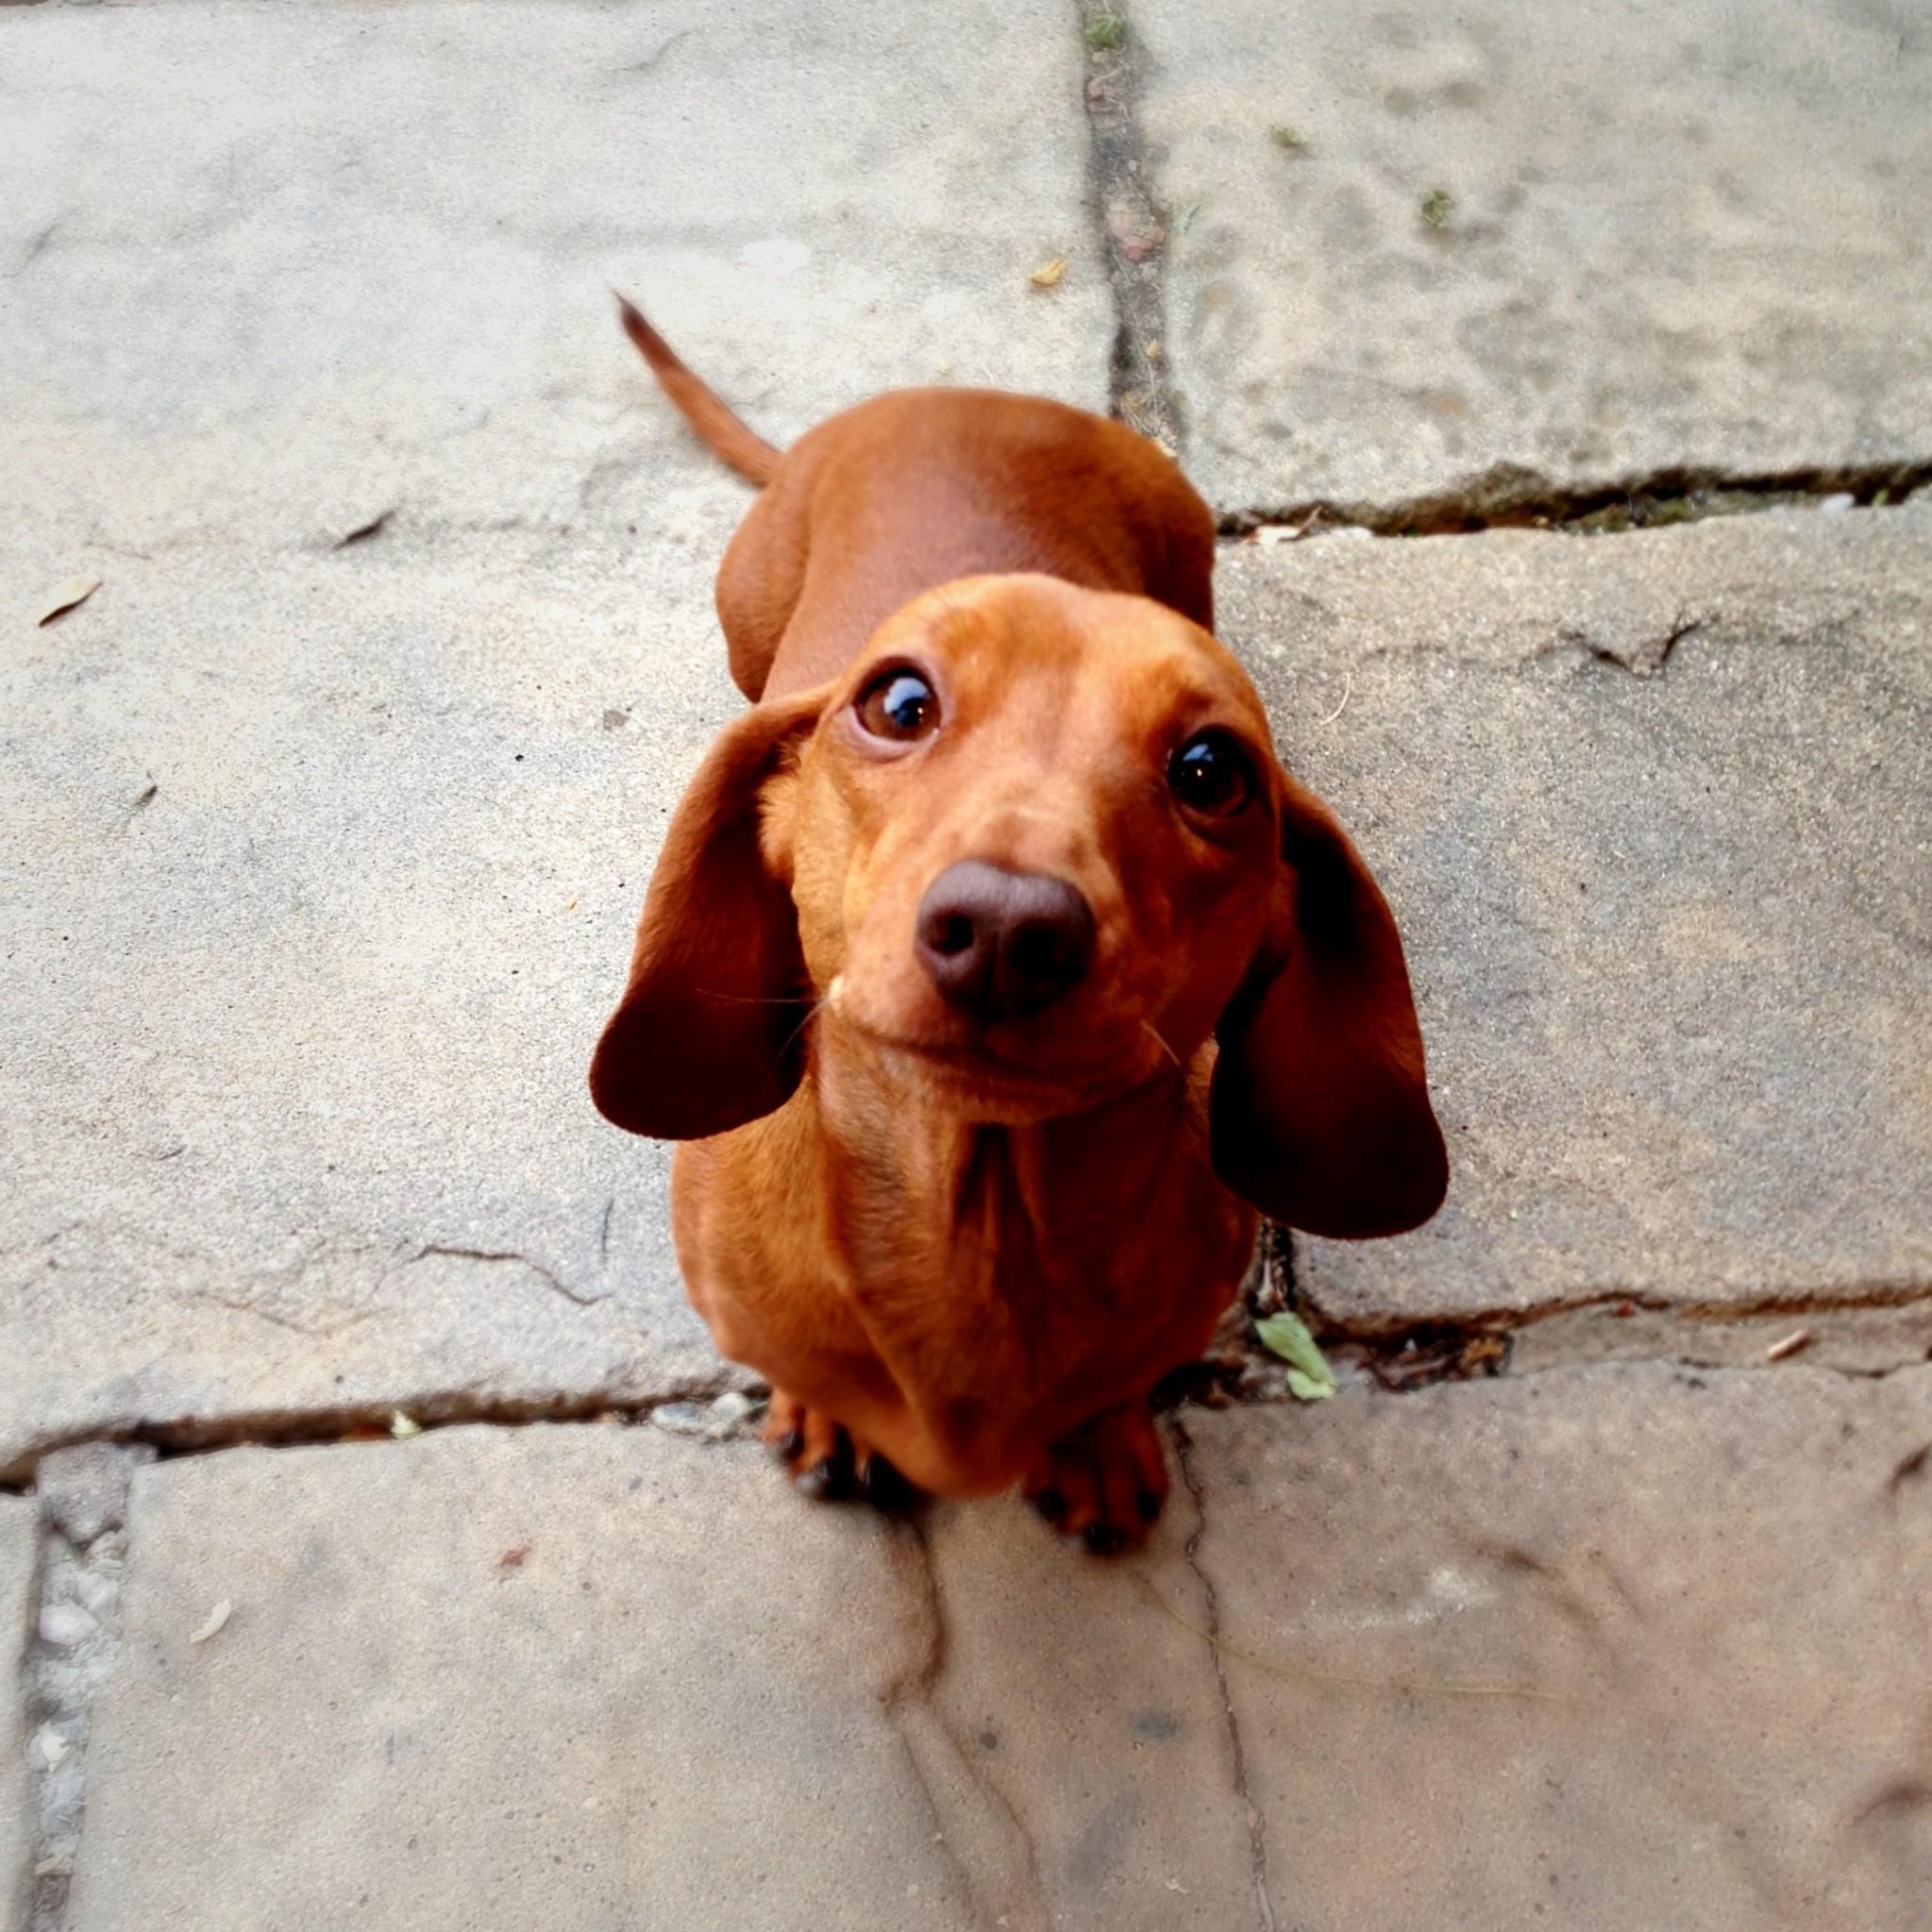 Tecnologia de impressão 3D auxilia problemas ortopédicos em cães de pequeno porte (Foto: Getty Images)